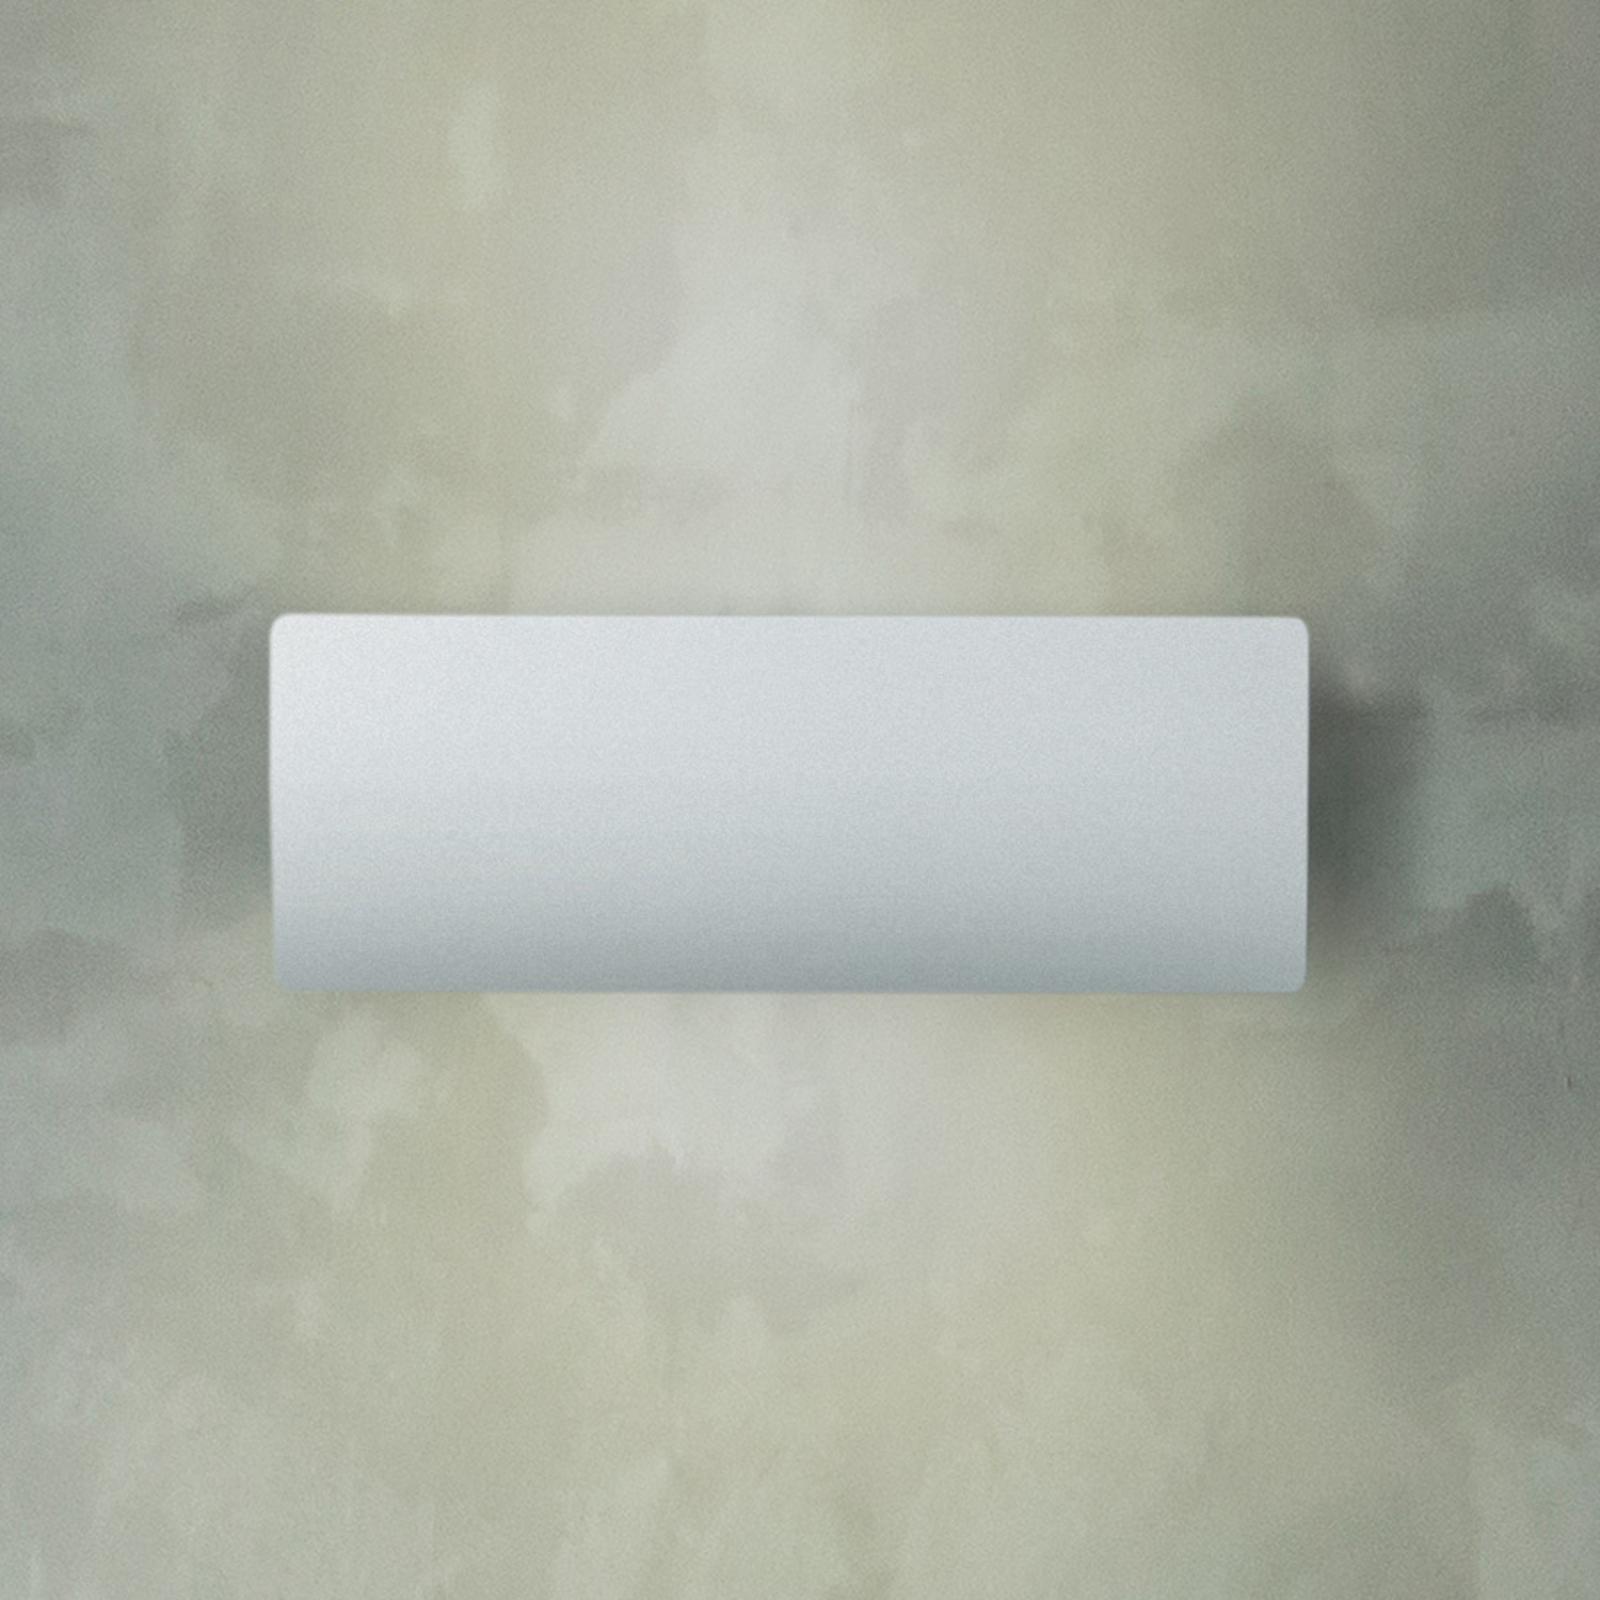 LEDS-C4 Duna LED-Wandleuchte, weiß matt